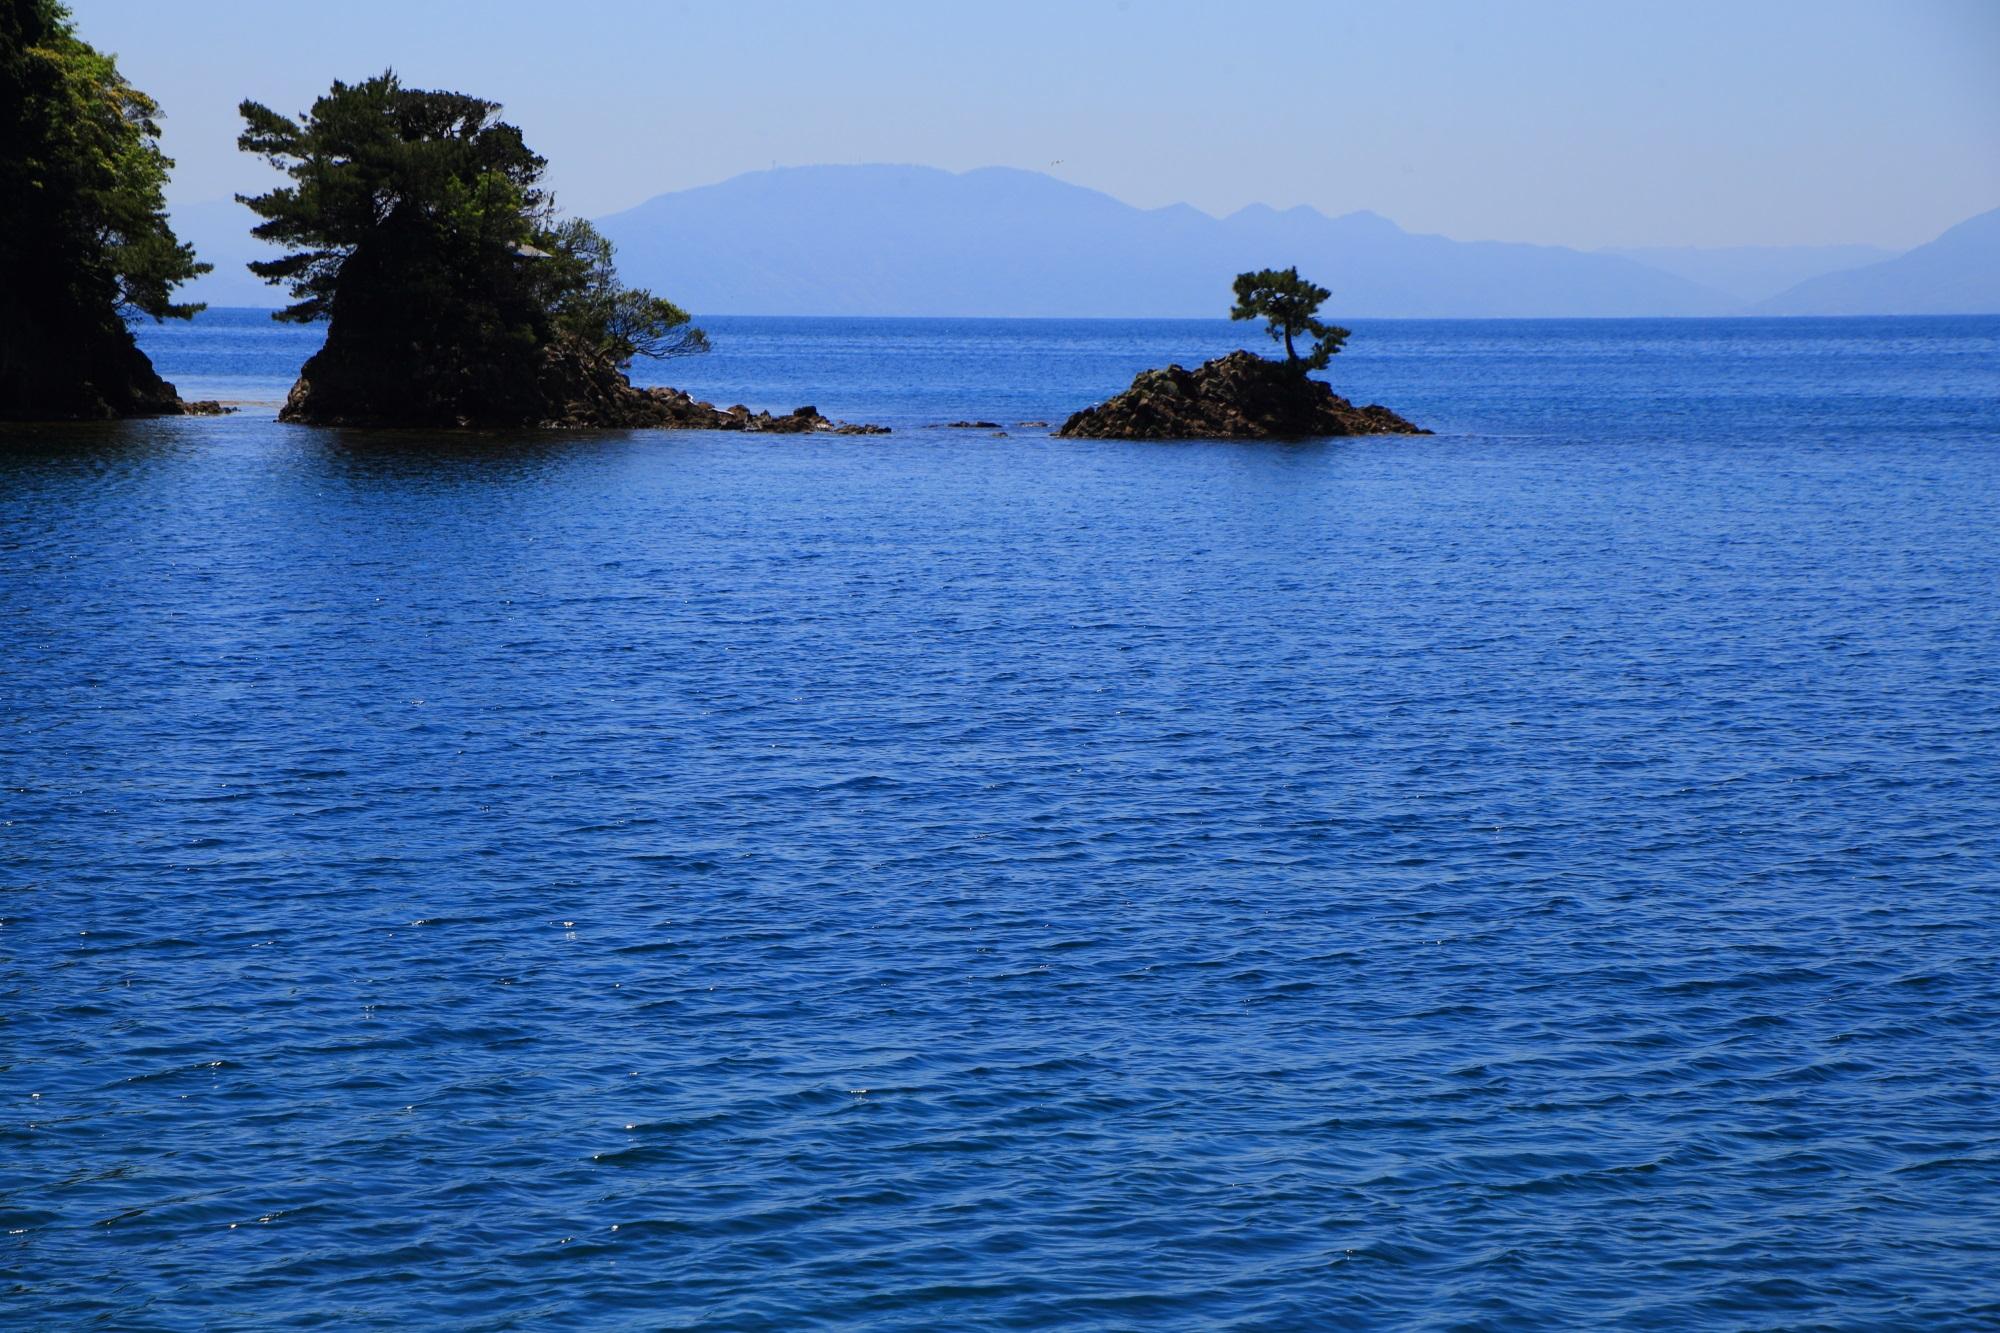 小さな島や岩場にも木が育つ物凄い生命力の伊根湾